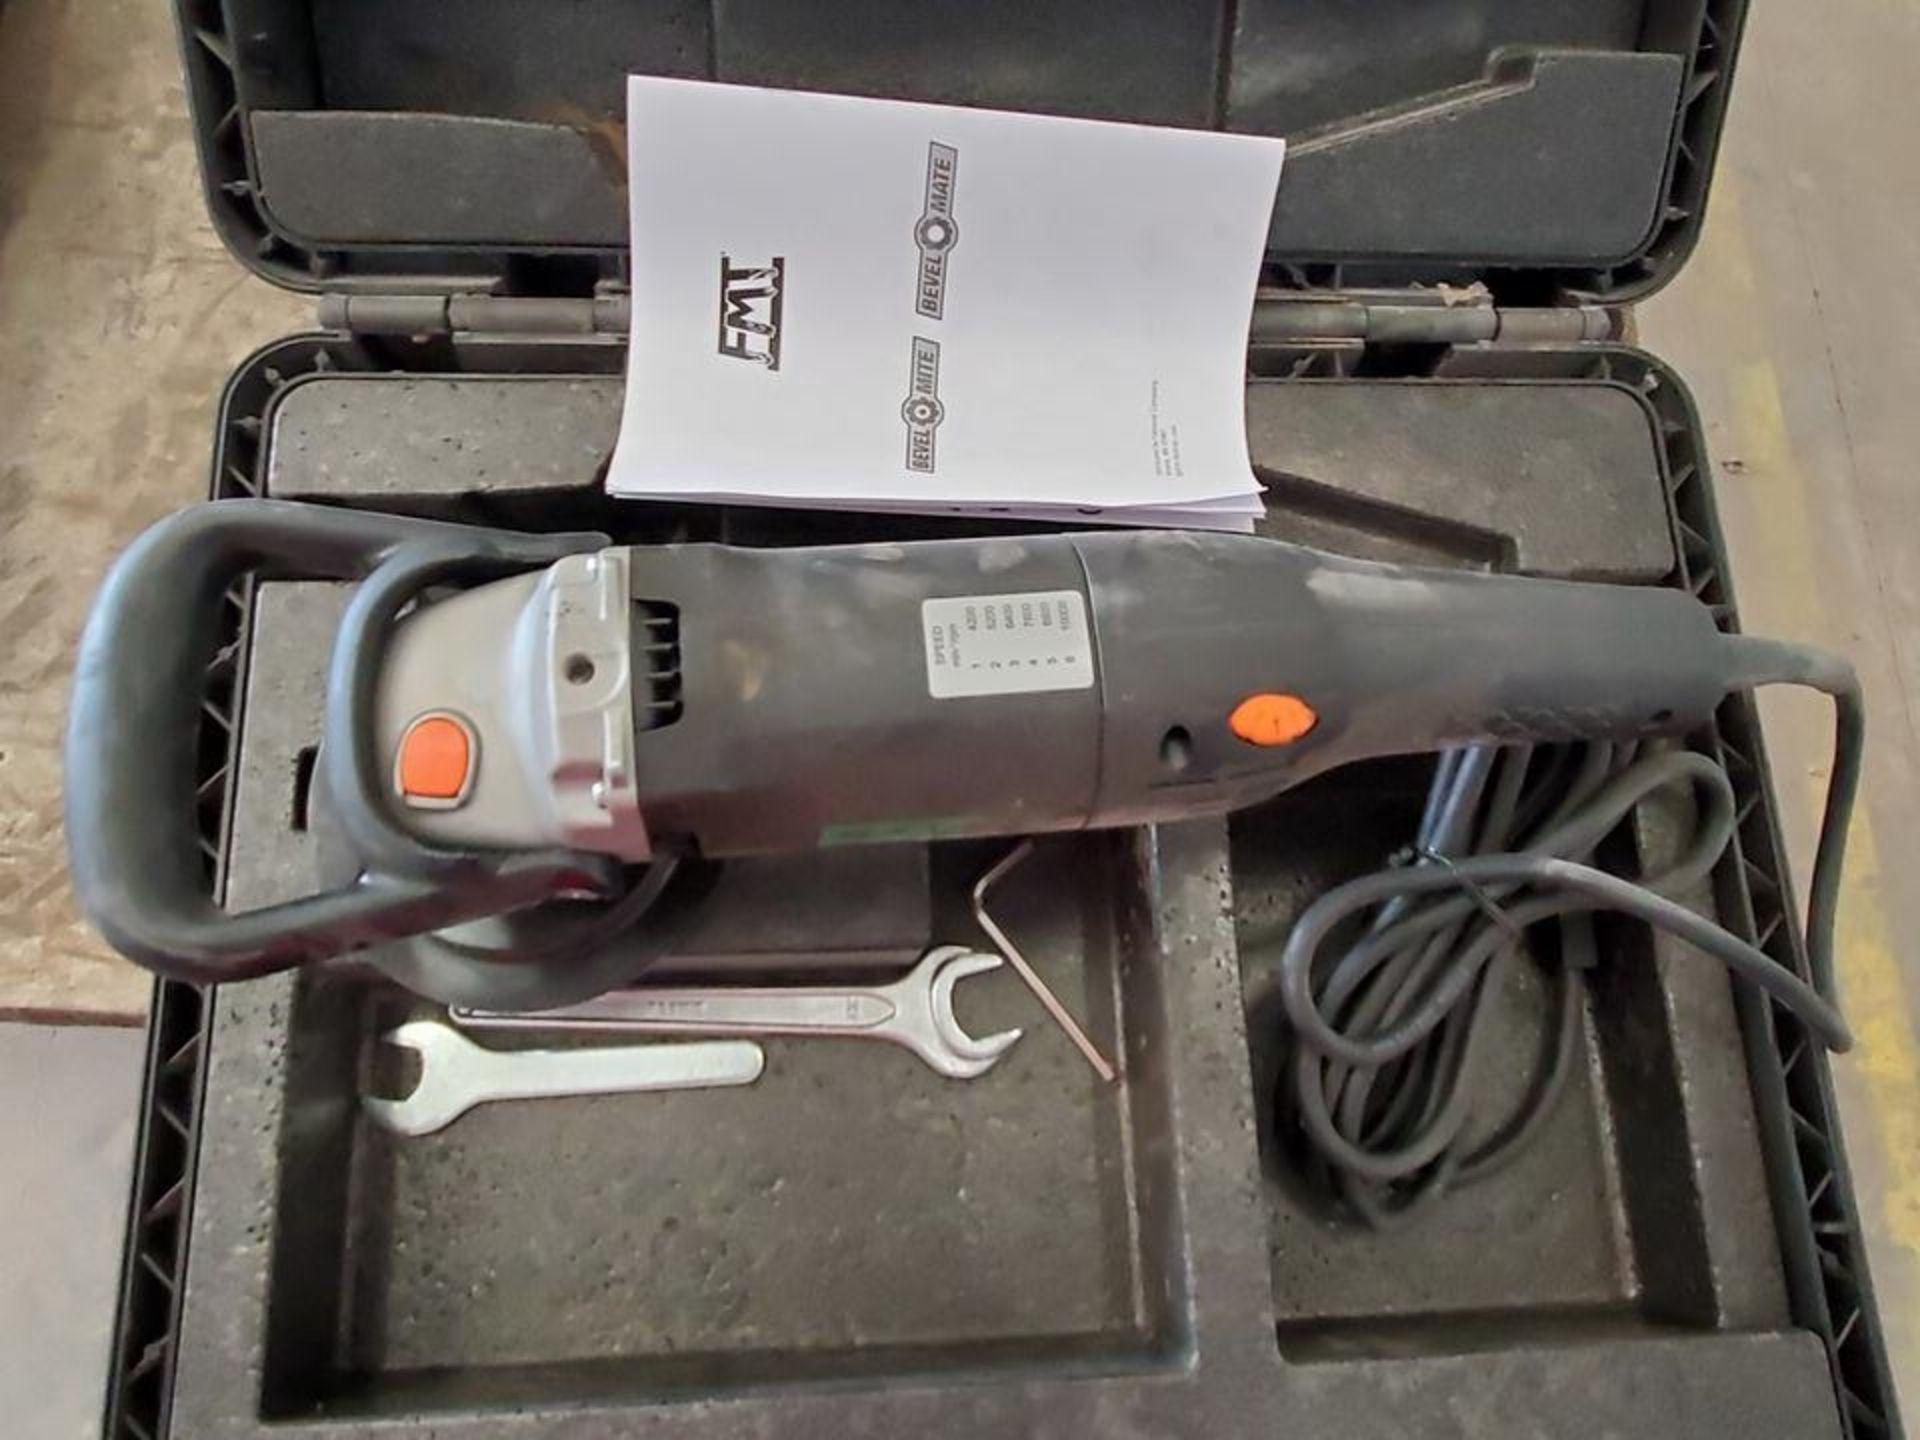 FMT EBA-12S 6-Speed Handheld Bevel Mate 120V, 12A, 60HZ - Image 3 of 5